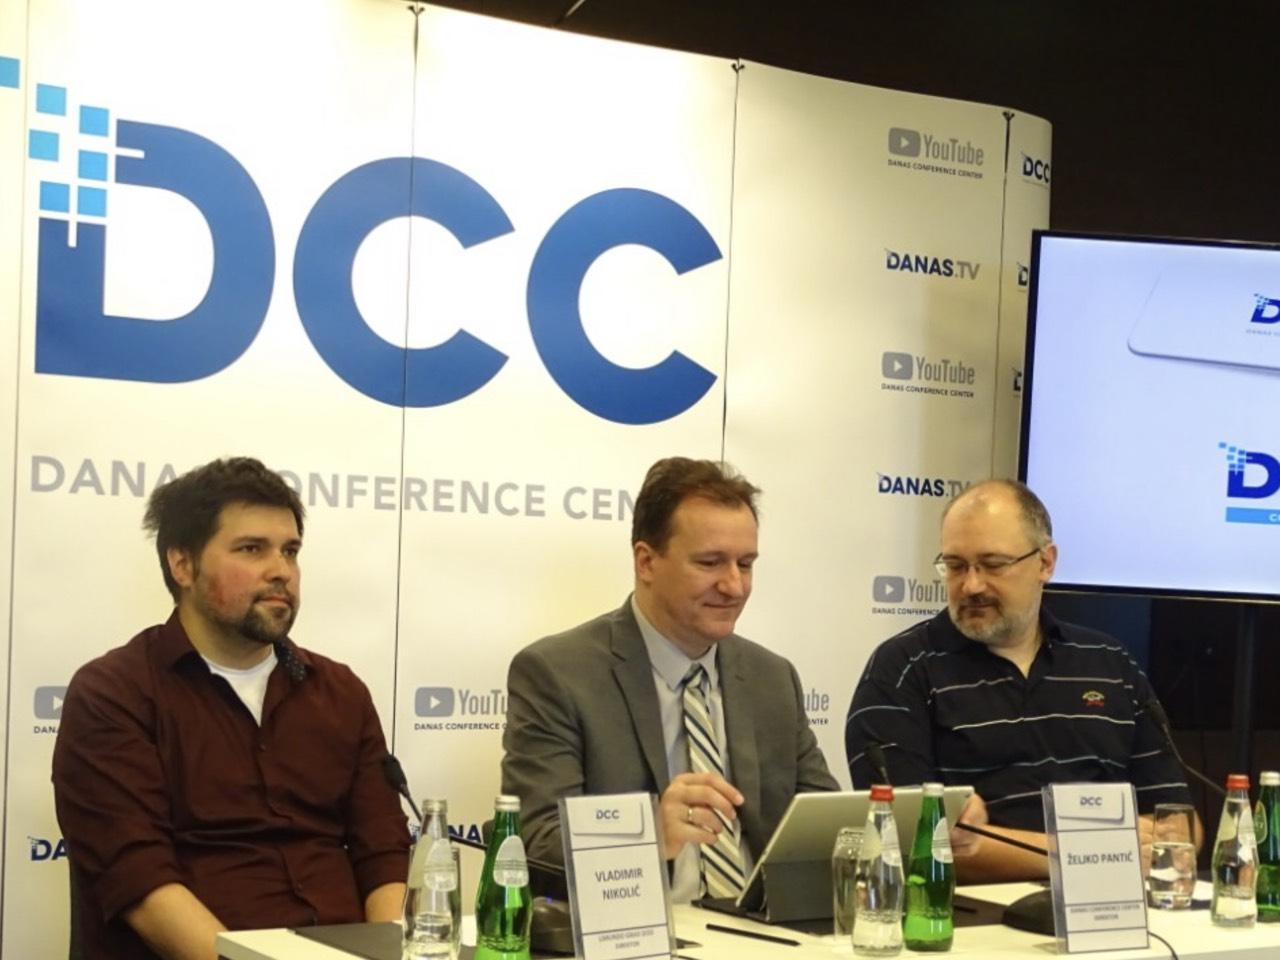 Internet oglašavanje postaje ozbiljan pokretač tržišta usluga u Srbiji (VIDEO)